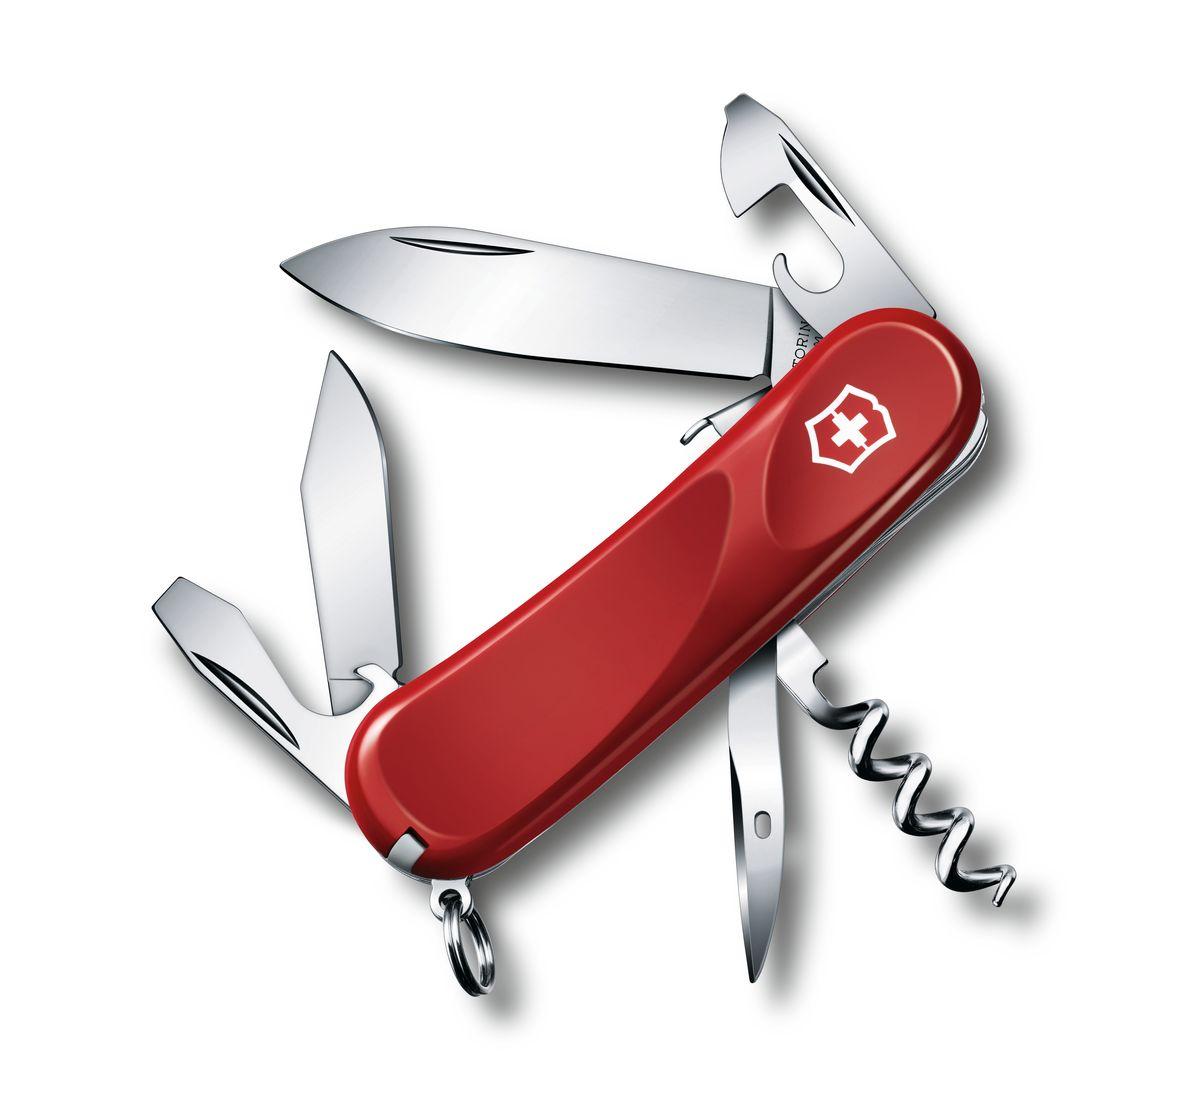 Нож перочинный Victorinox Evolution S101 2.3603.SE, цвет: красный2.3603.SEПерочинный нож EVOLUTION S101 имеет 12 функций: 1. Фиксирующееся лезвие 2. Малое лезвие 3. Консервный нож с: 4. – Малой отвёрткой 5. Открывалка для бутылок с: 6. – Фиксирующейся отвёрткой 7. – Инструментом для снятия изоляции 8. Штопор 9. Шило, кернер 10. Кольцо для ключей 11. Пинцет 12. Зубочистка Цвет рукояти: красный